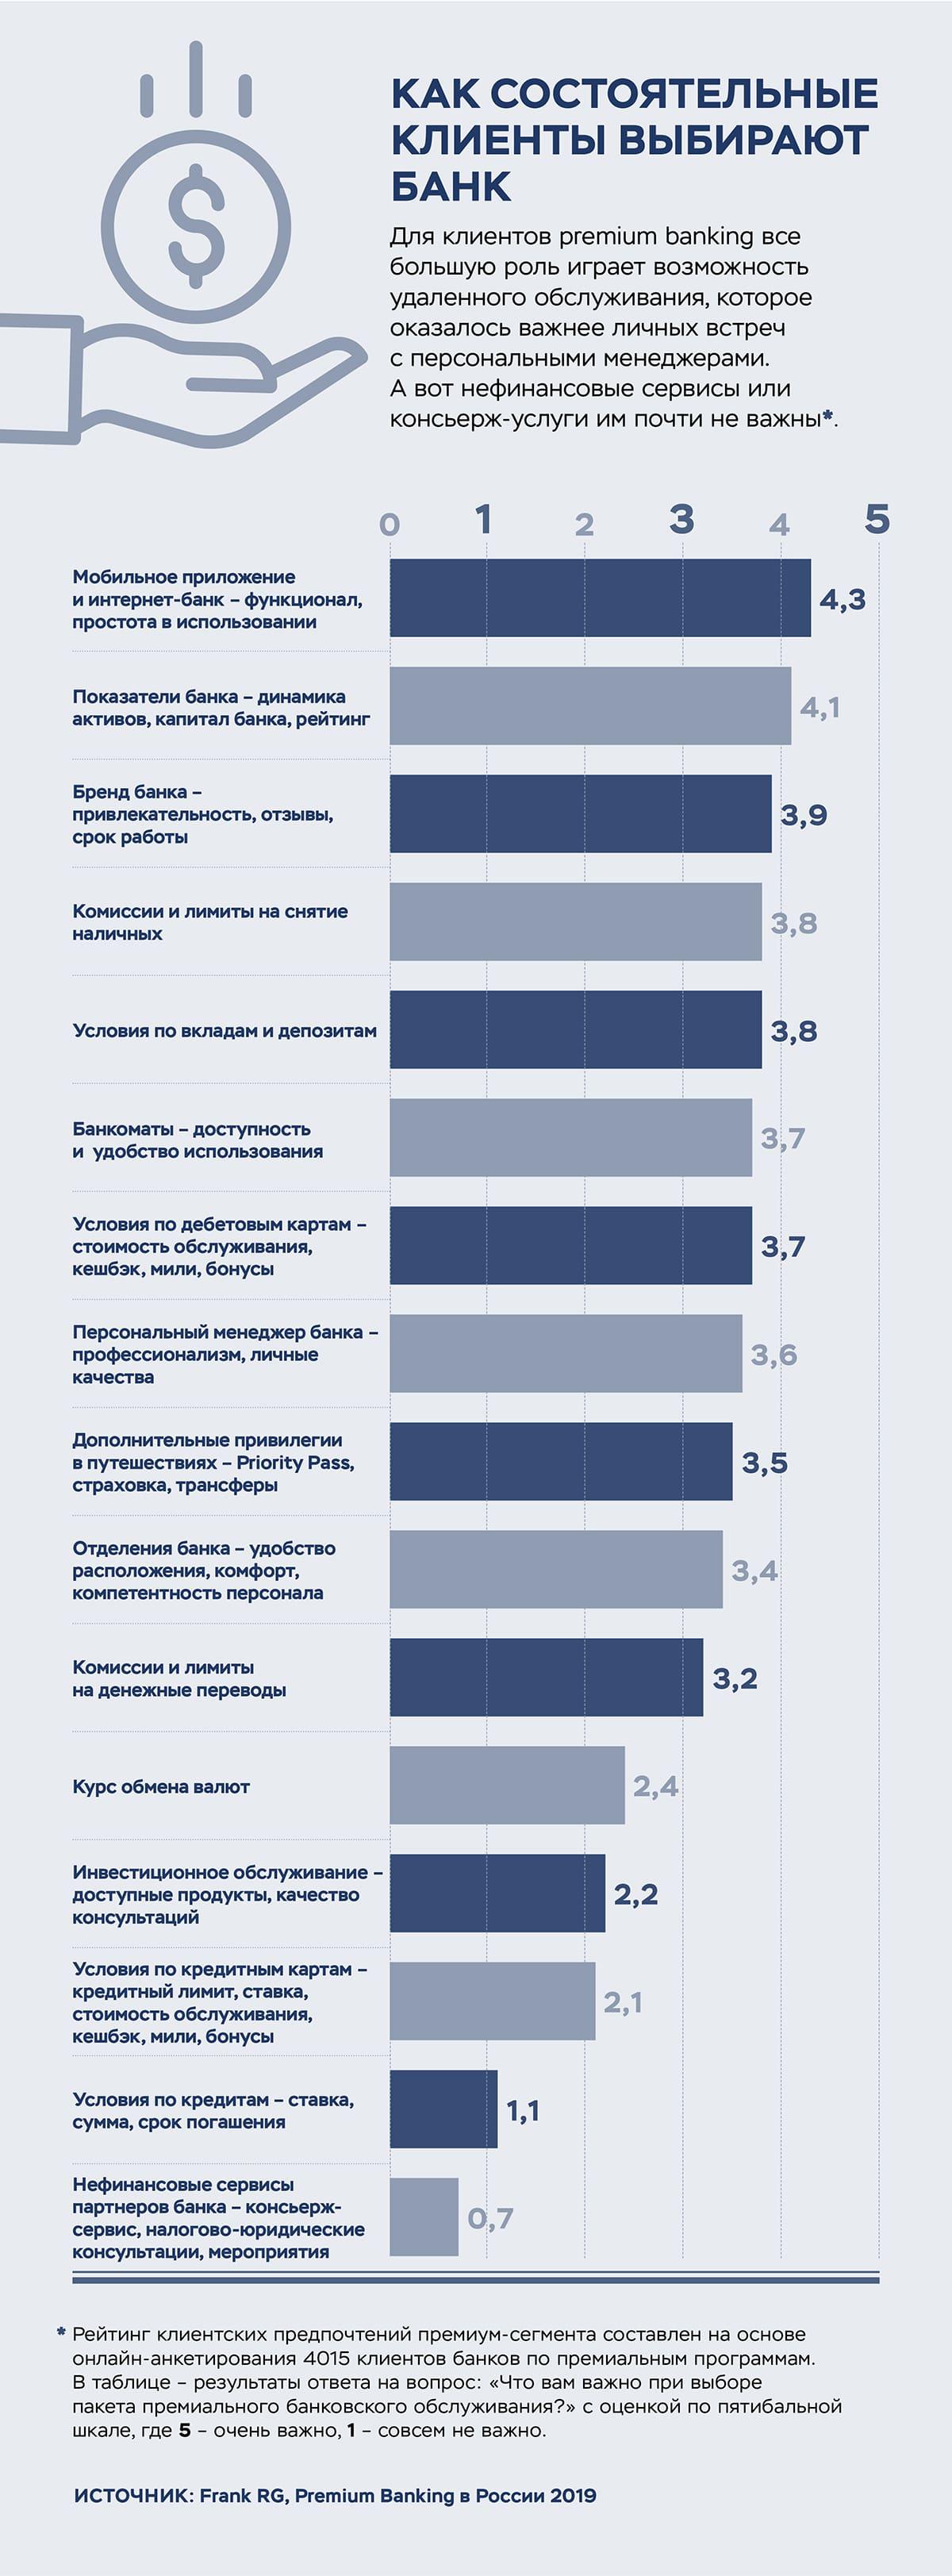 киви банк отзывы клиентов юридических лиц новая машина в кредит спб